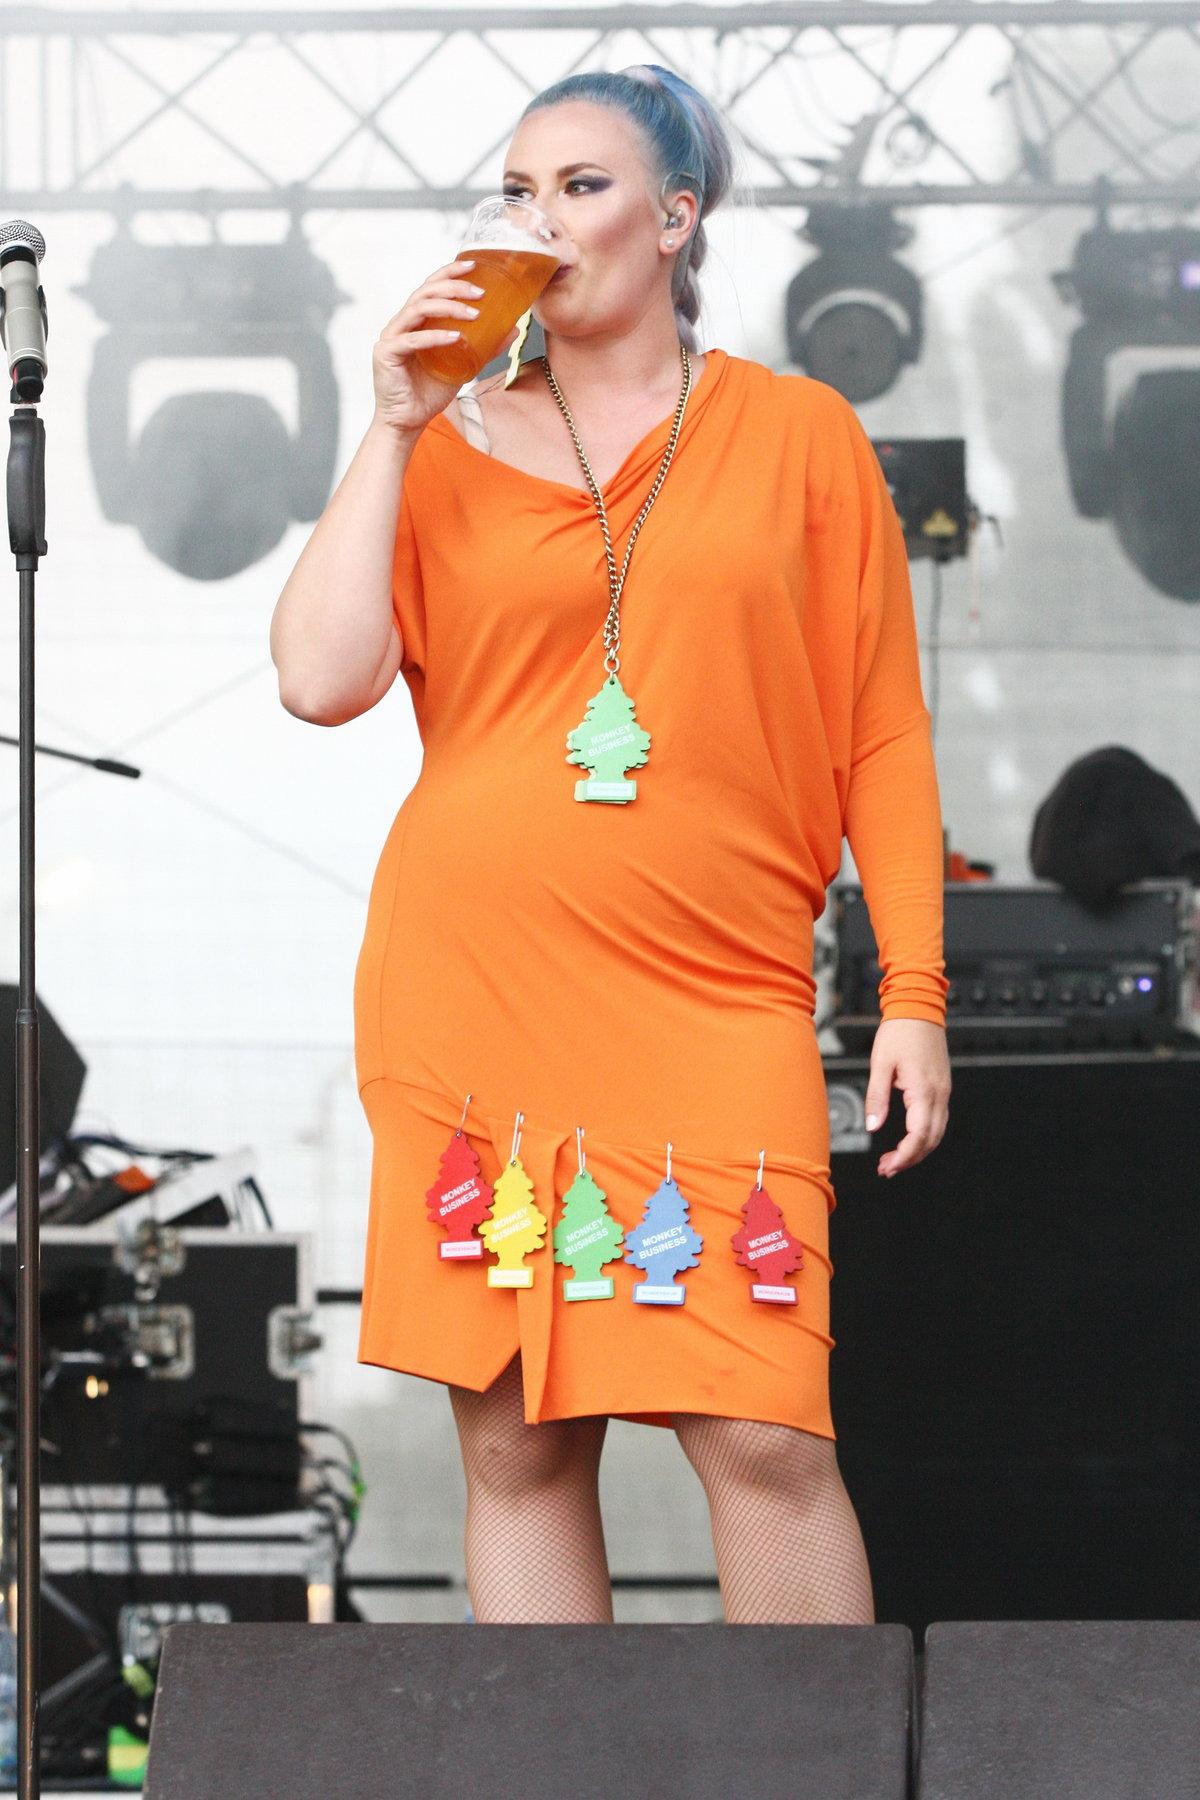 Po takovém výkonu se musela zchladit pivkem.